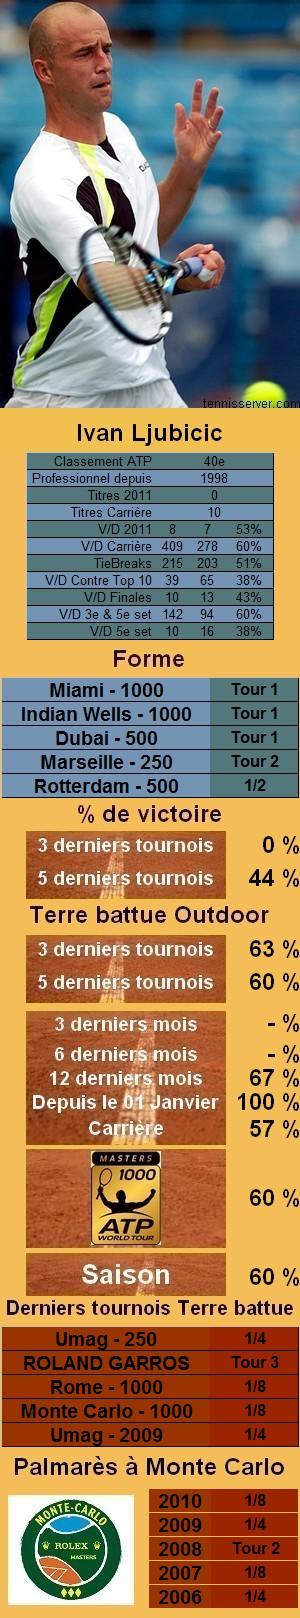 Les statistiques tennis de Ivan Ljubicic pour le tournoi de Monte Carlo